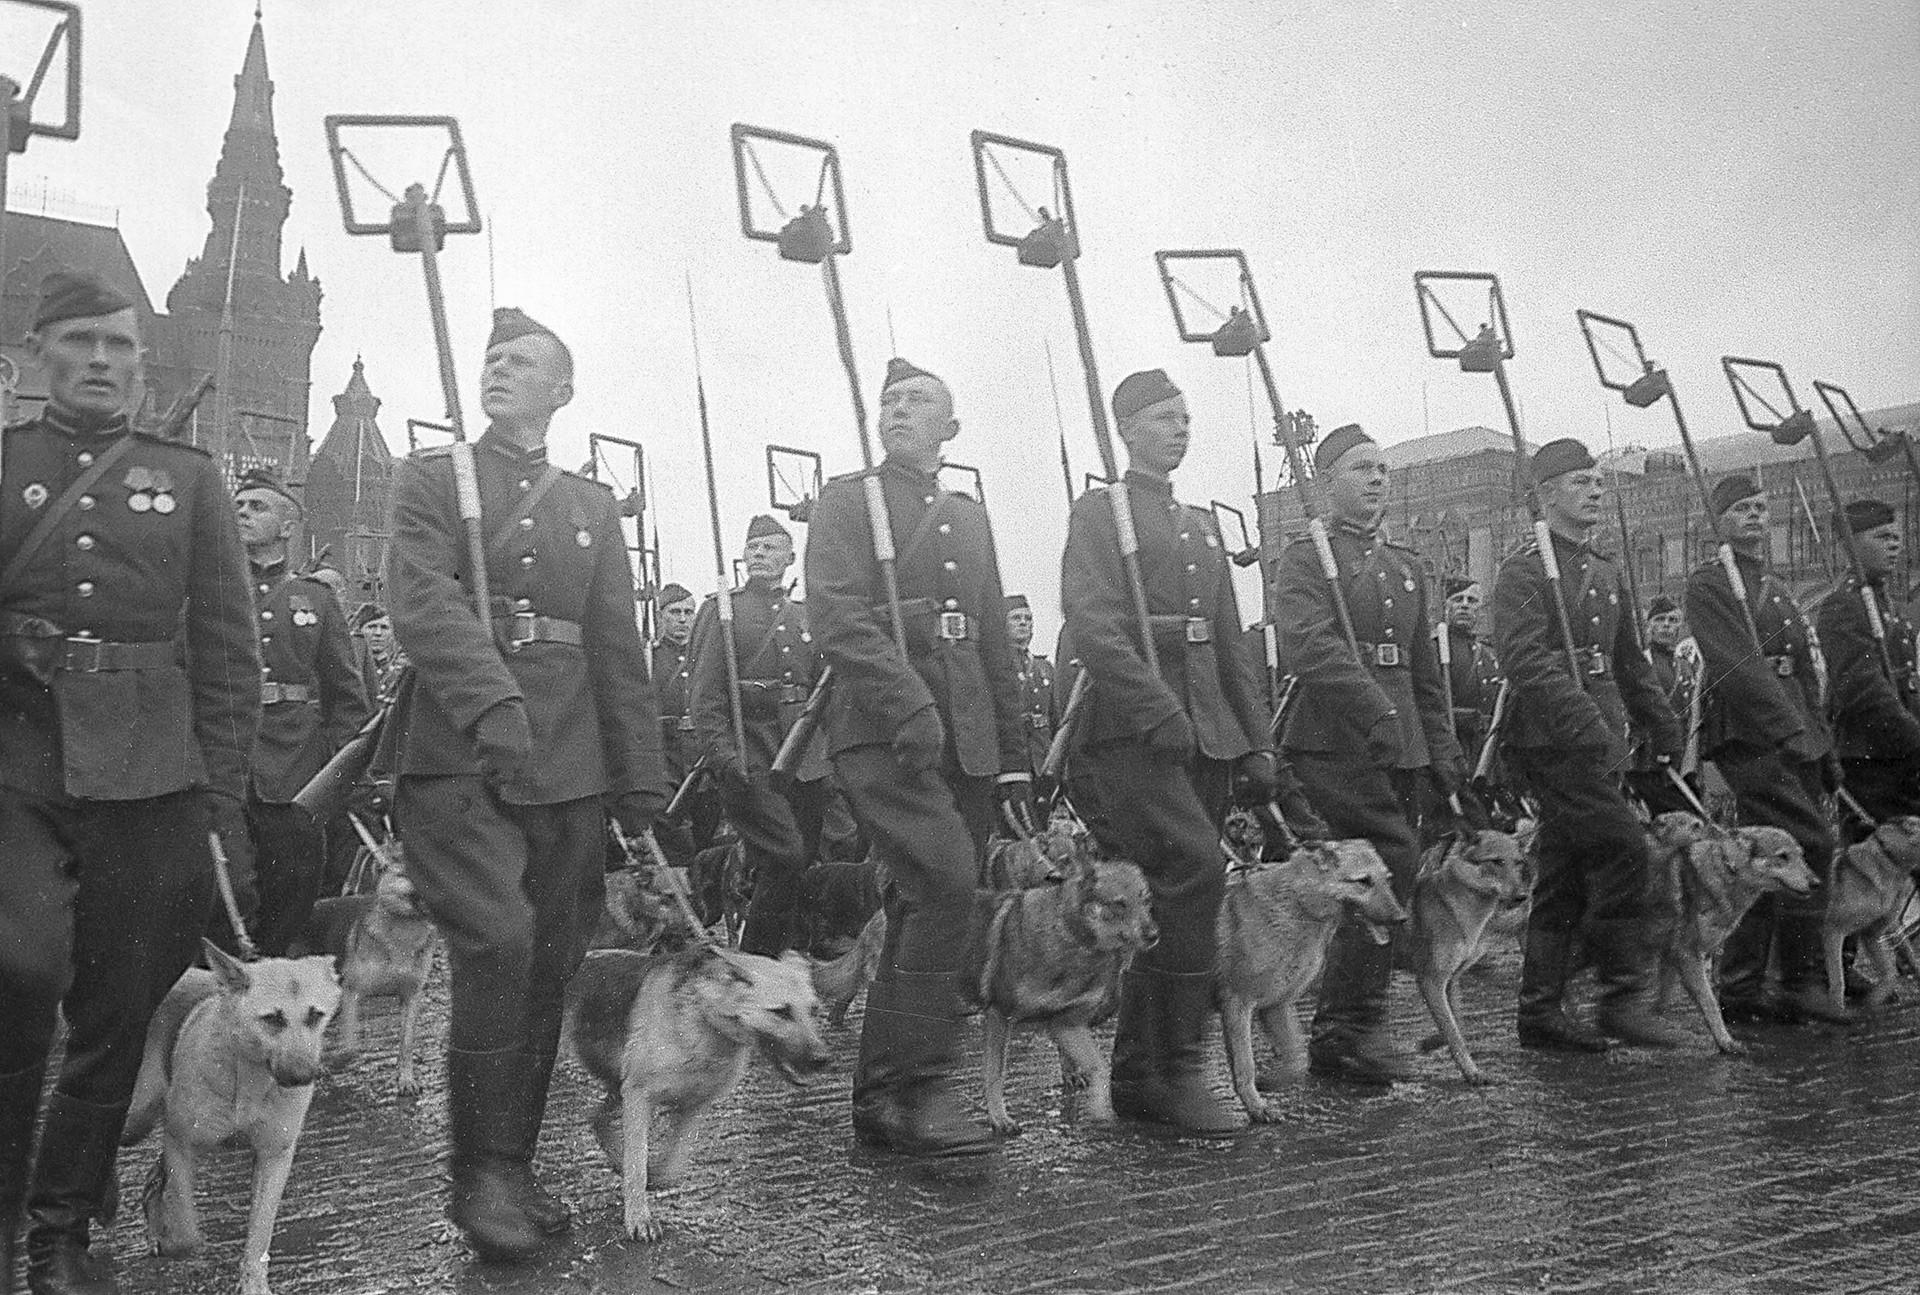 Pripadnici minerske službe sa psima na Paradi Pobjede na Crvenom trgu, Moskva.